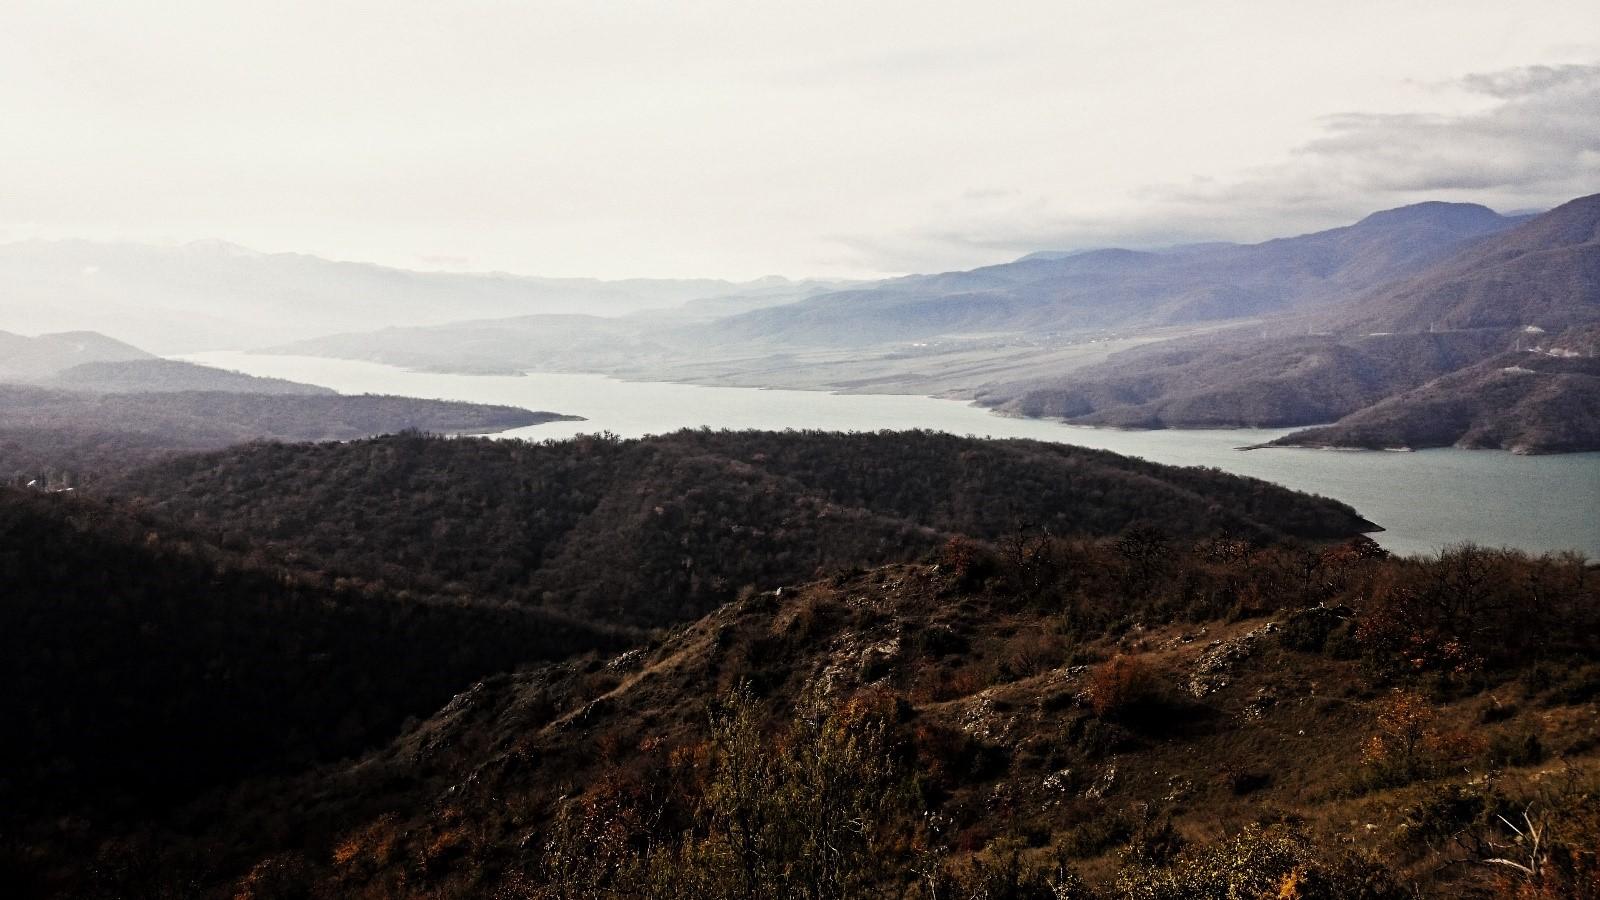 Obávaná strategická nádrž Sarsang ležící v oblasti Náhorního Karabachu a potenciálně ohrožující až 400,000 obyvatel Ázerbájdžánu. (Zdroj: autor)